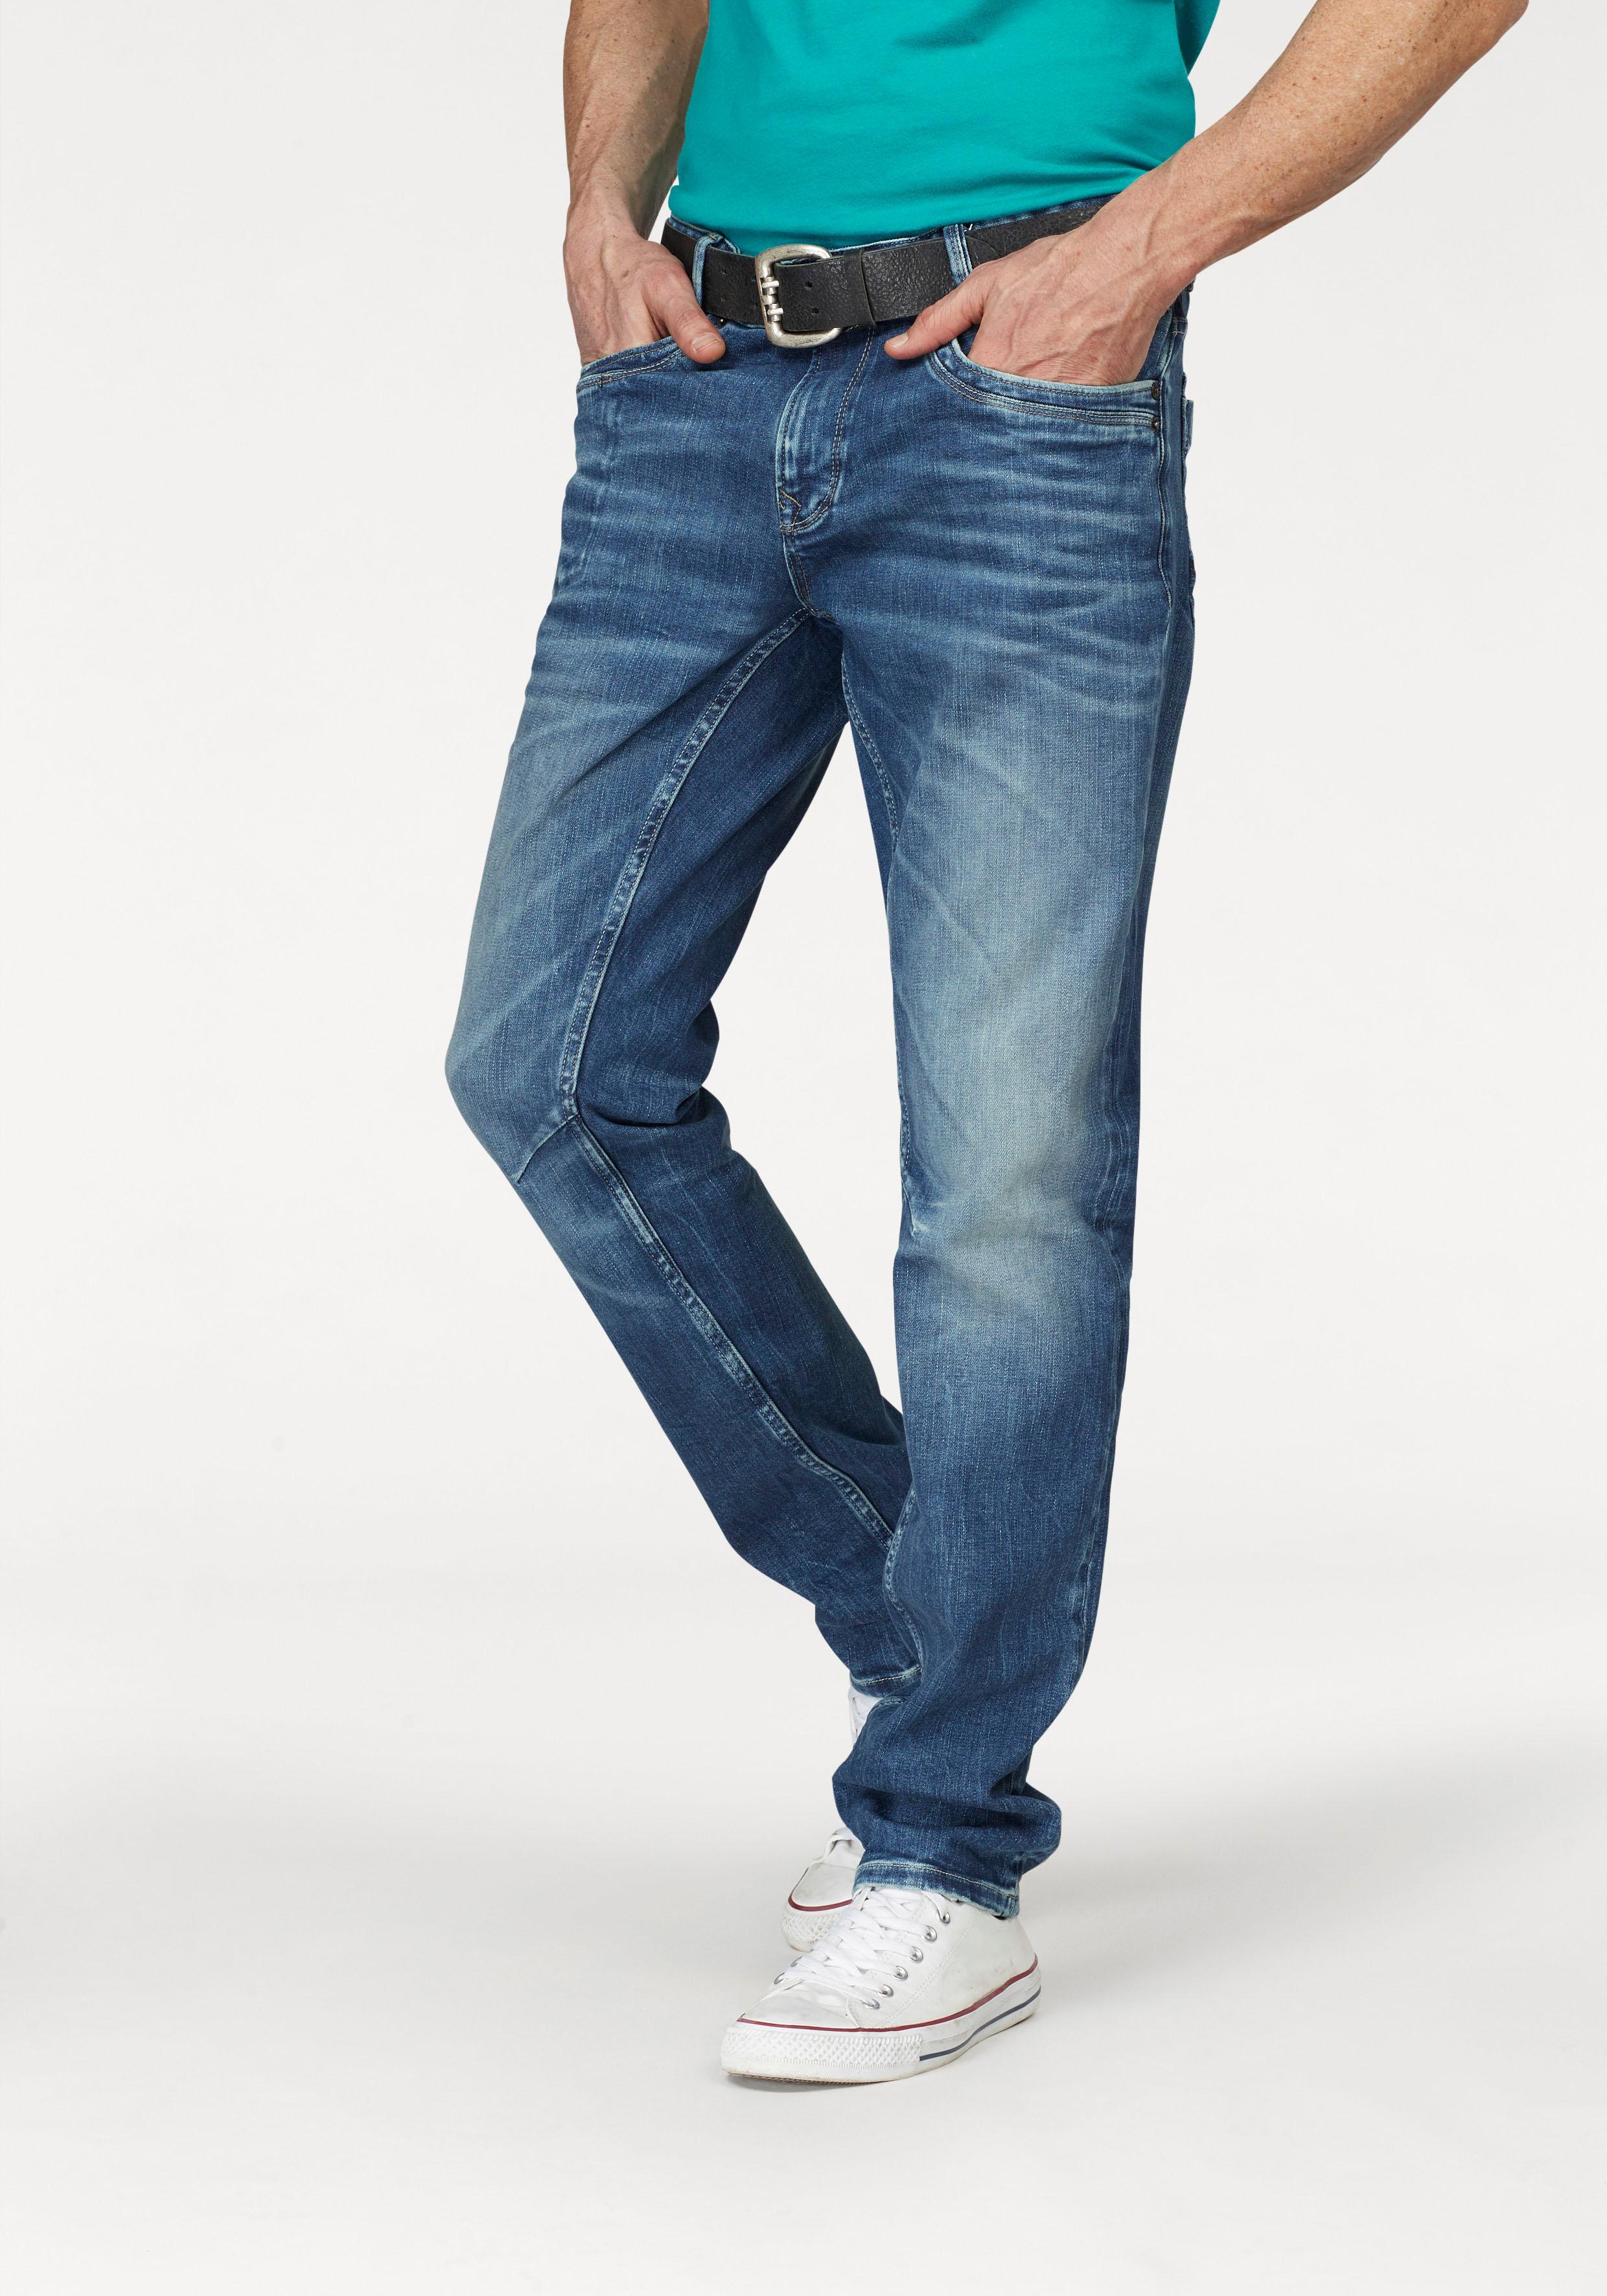 PME LEGEND Tapered-fit-Jeans »SKYMASTER« | Bekleidung > Jeans > Sonstige Jeans | Blau | PME LEGEND